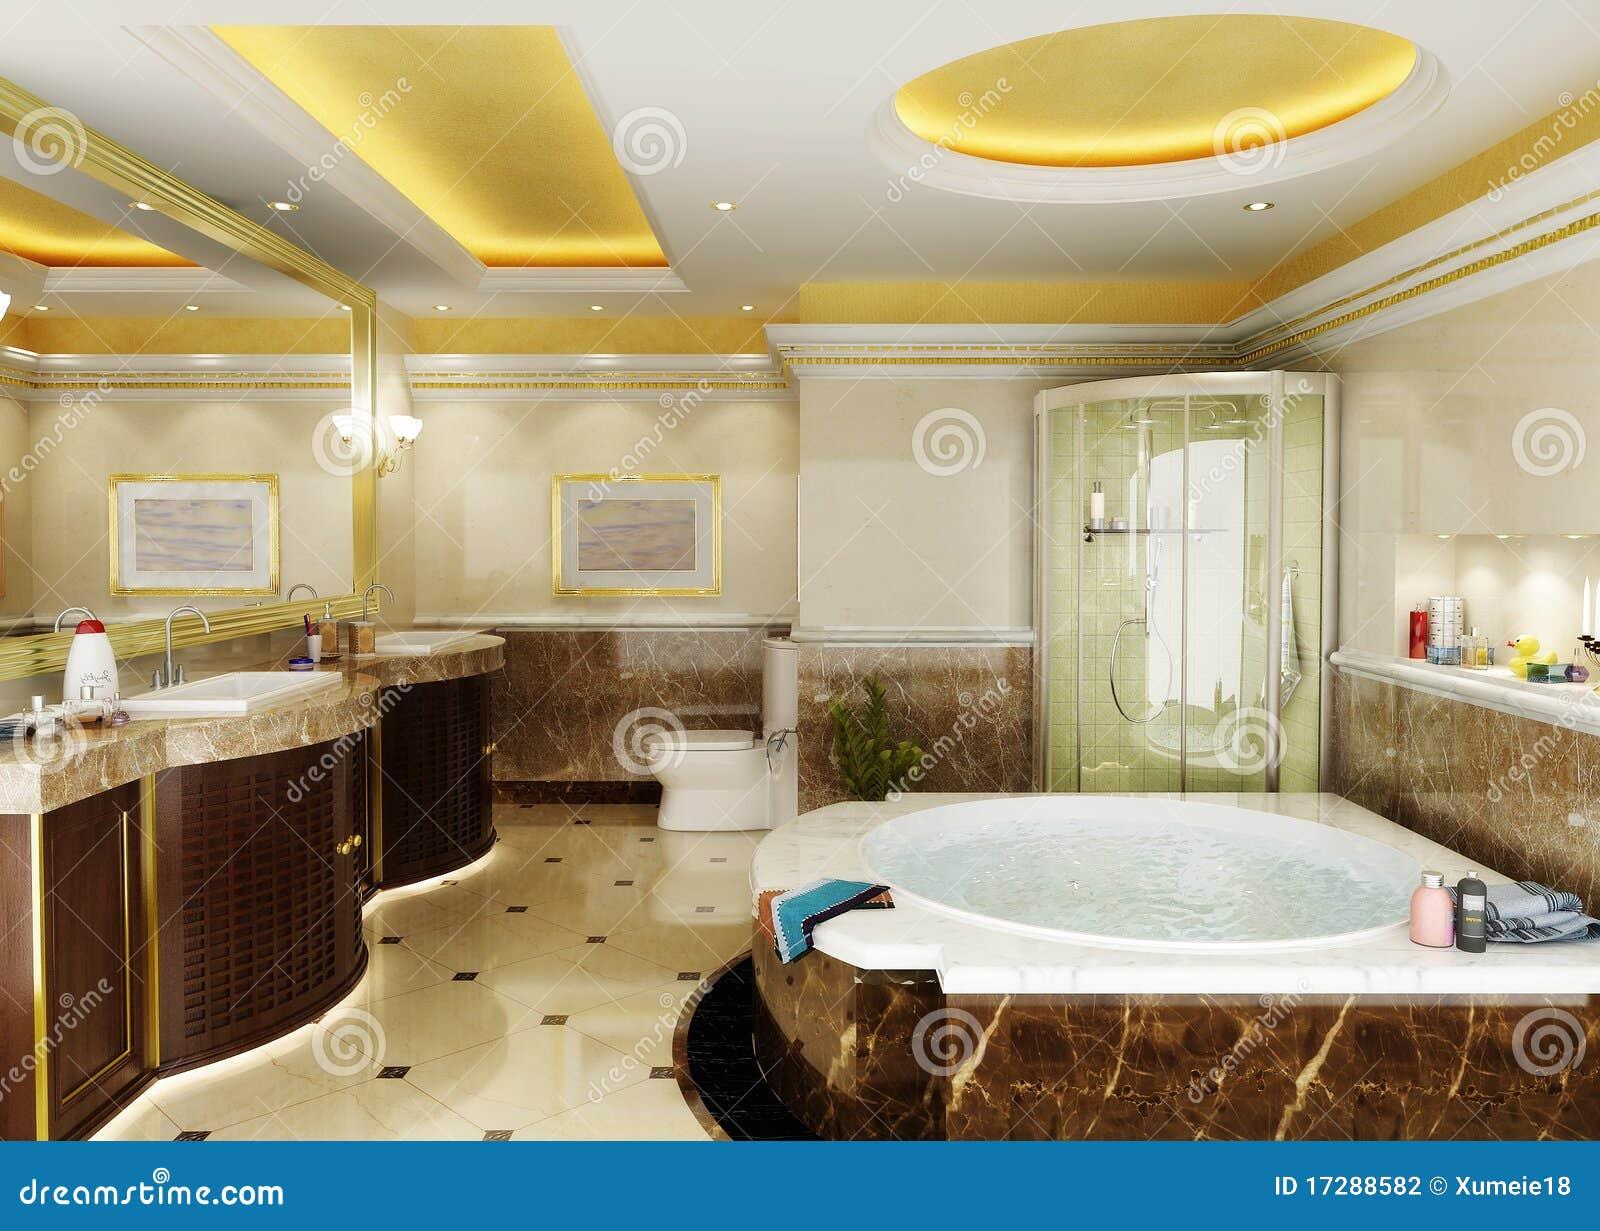 Interiore della stanza da bagno illustrazione di stock immagine 17288582 - Stanza da bagno ...